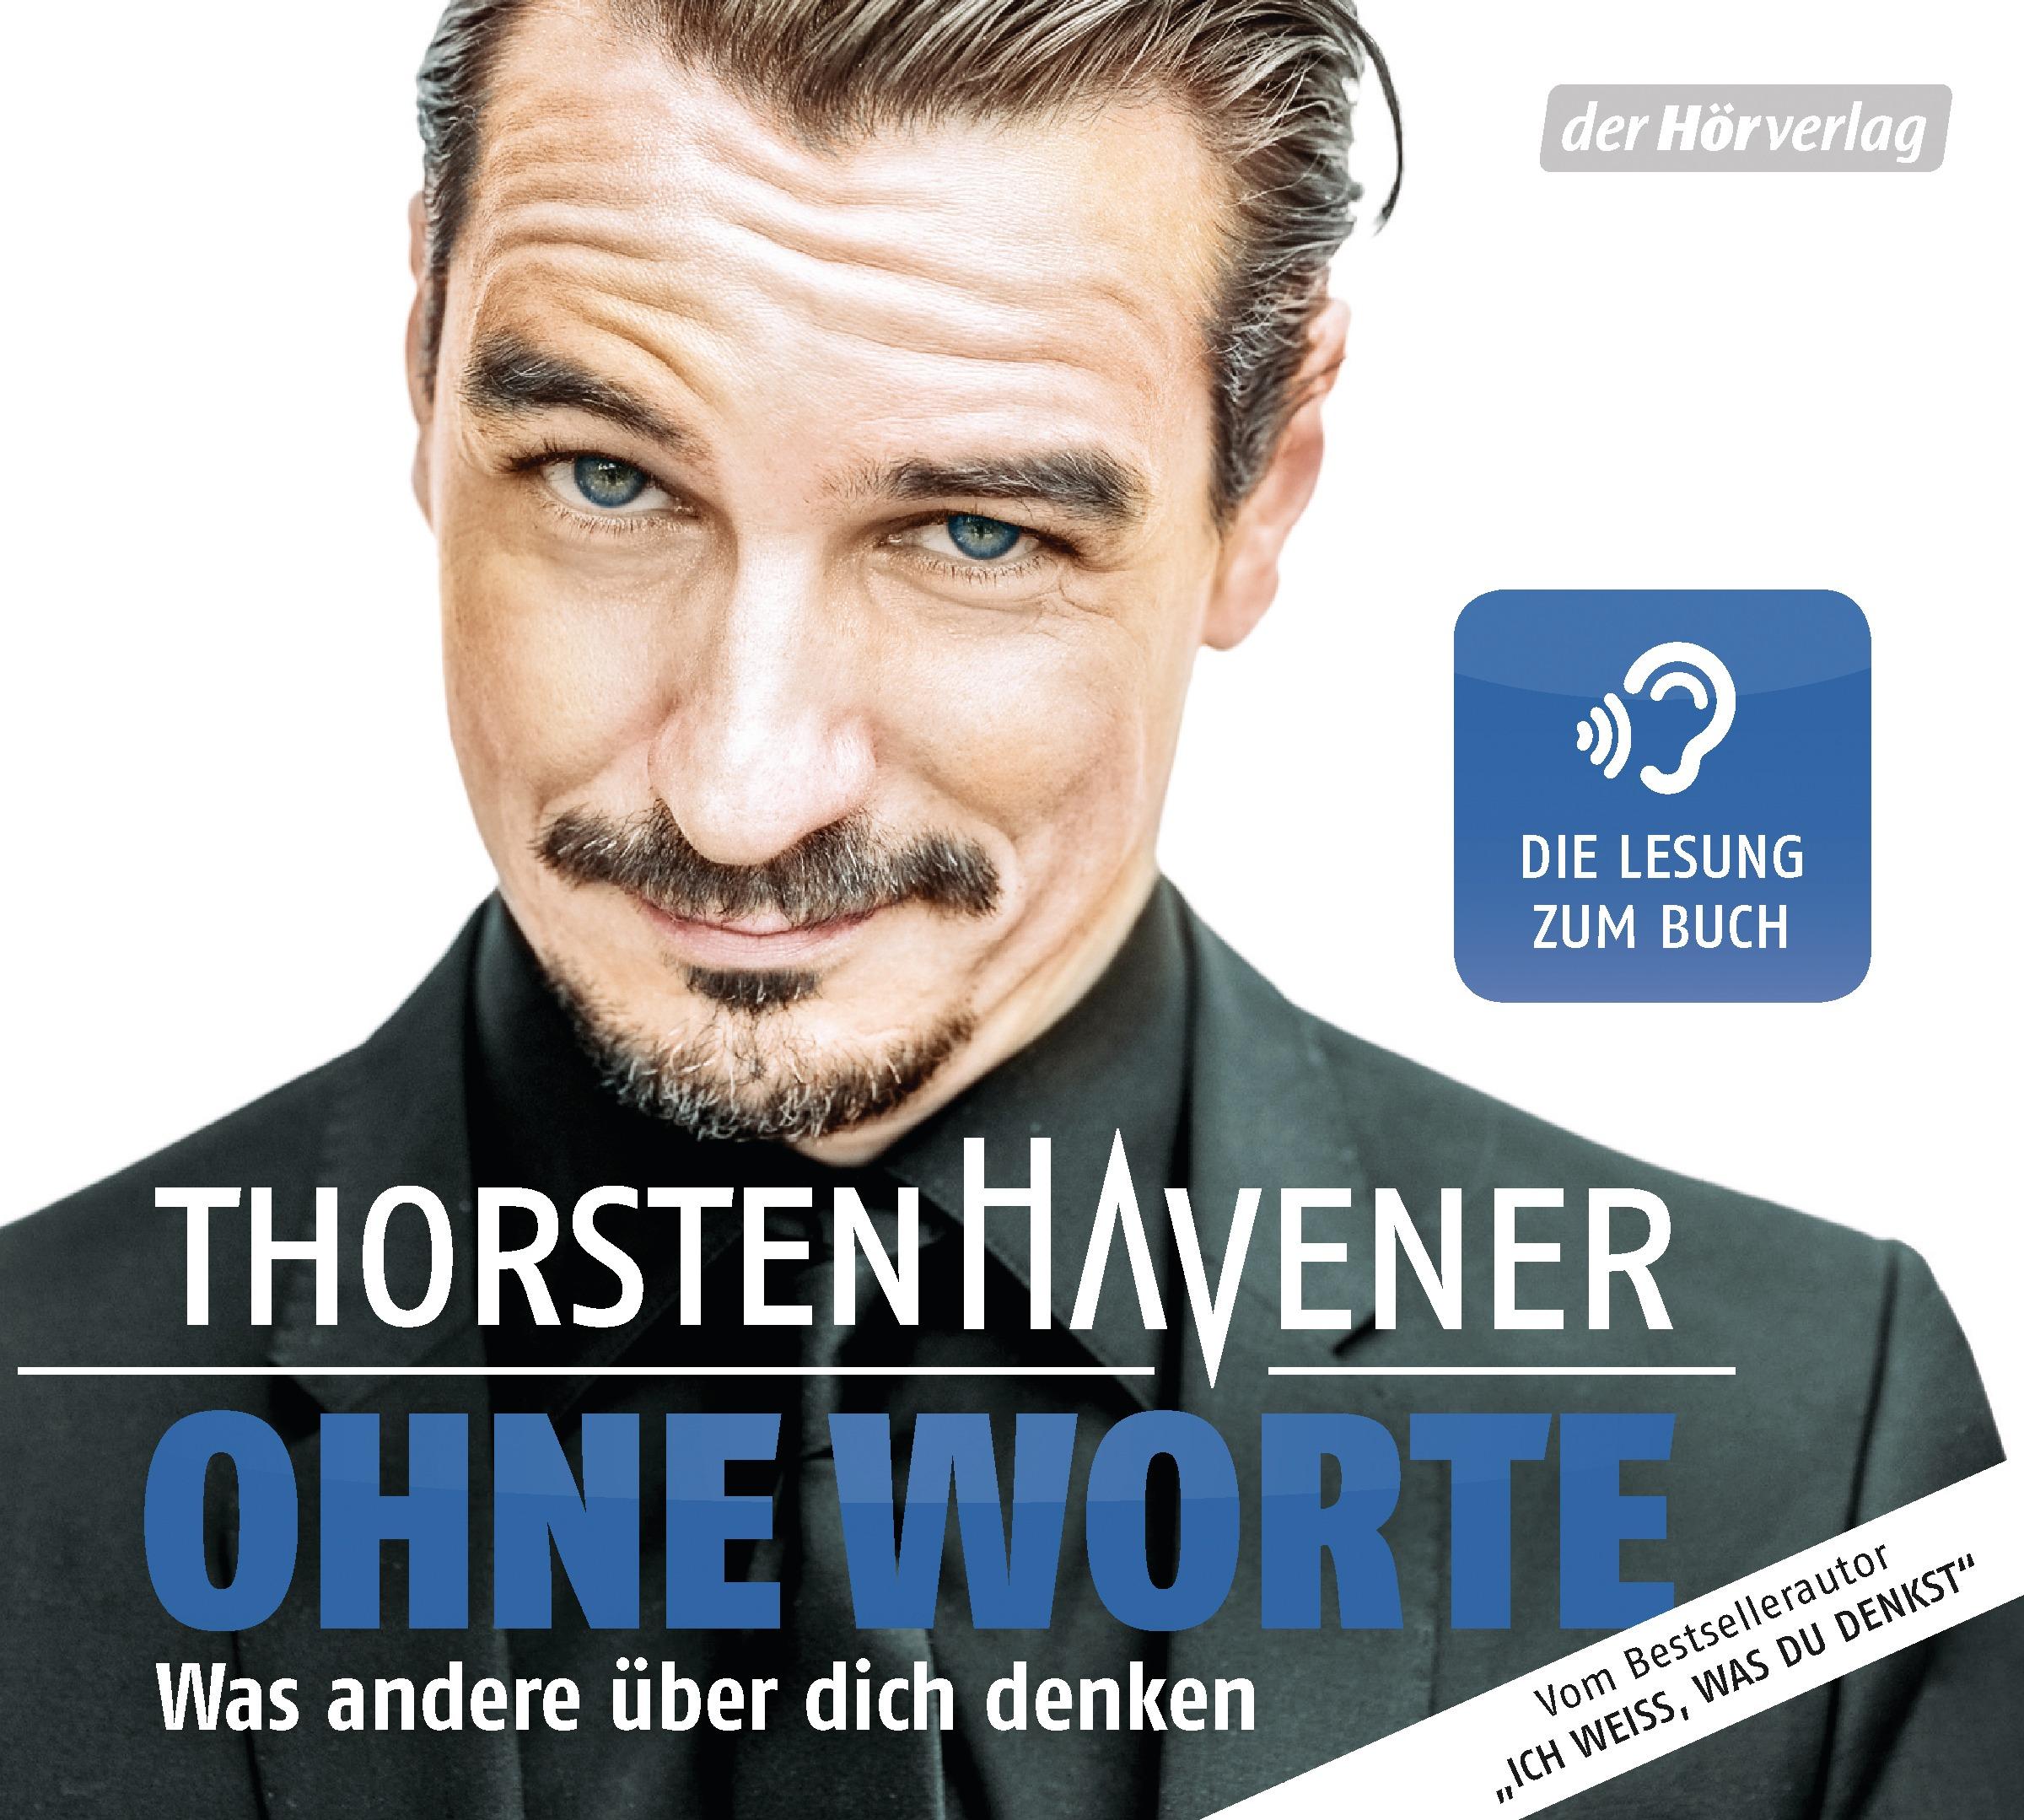 Ohne Worte: Was andere über dich denken - Thorsten havener [Audio CD]